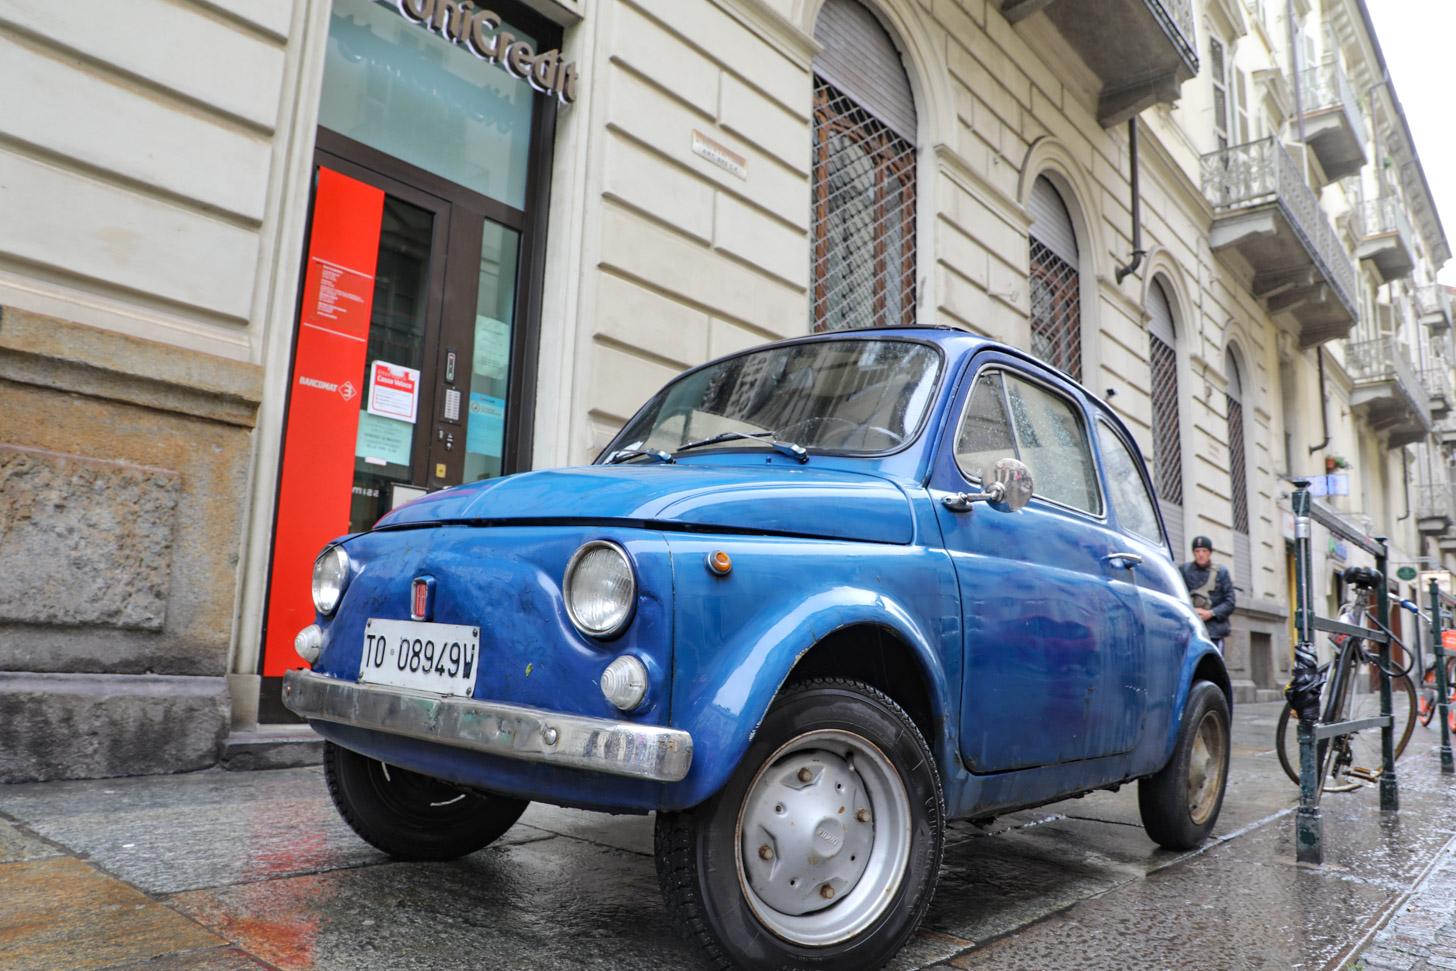 Met de auto naar Turijn reizen